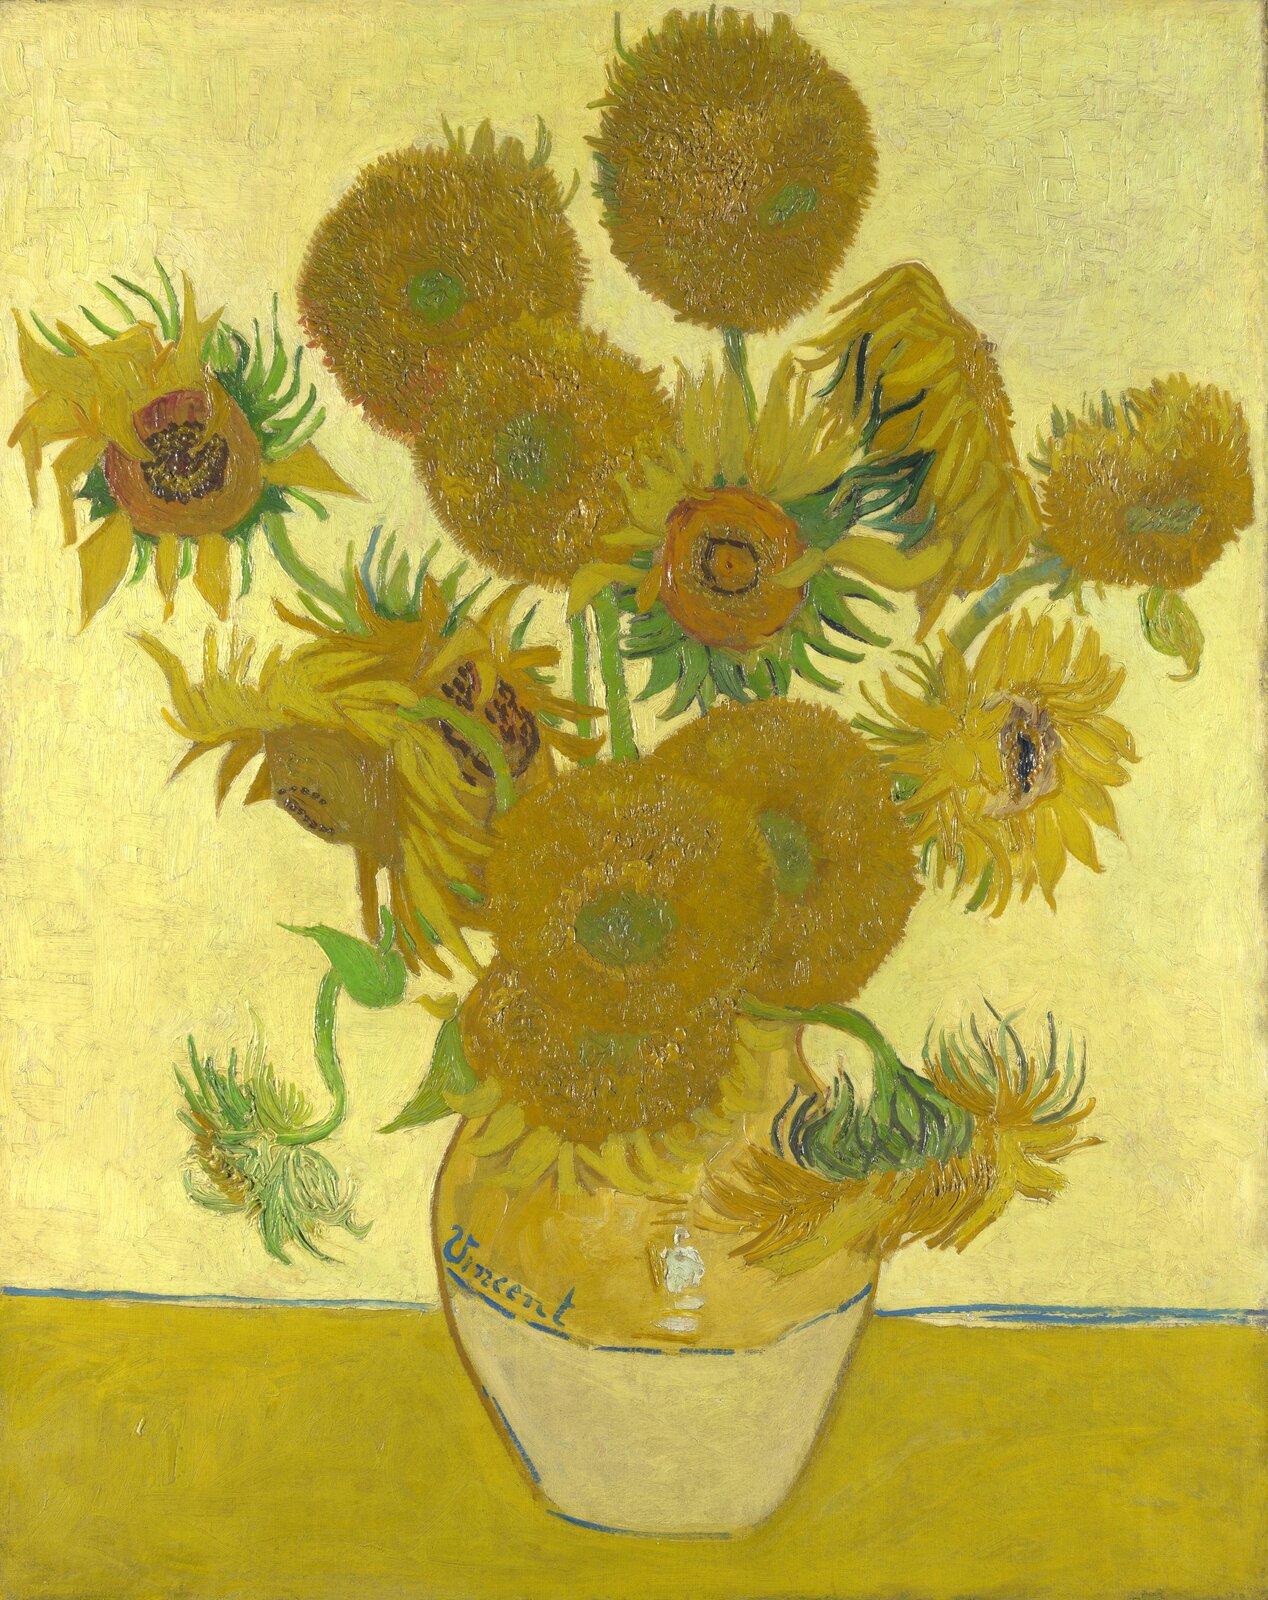 Protoekspresjonizm I Symbolizm W Tworczosci Vincenta Van Gogha Epodreczniki Pl